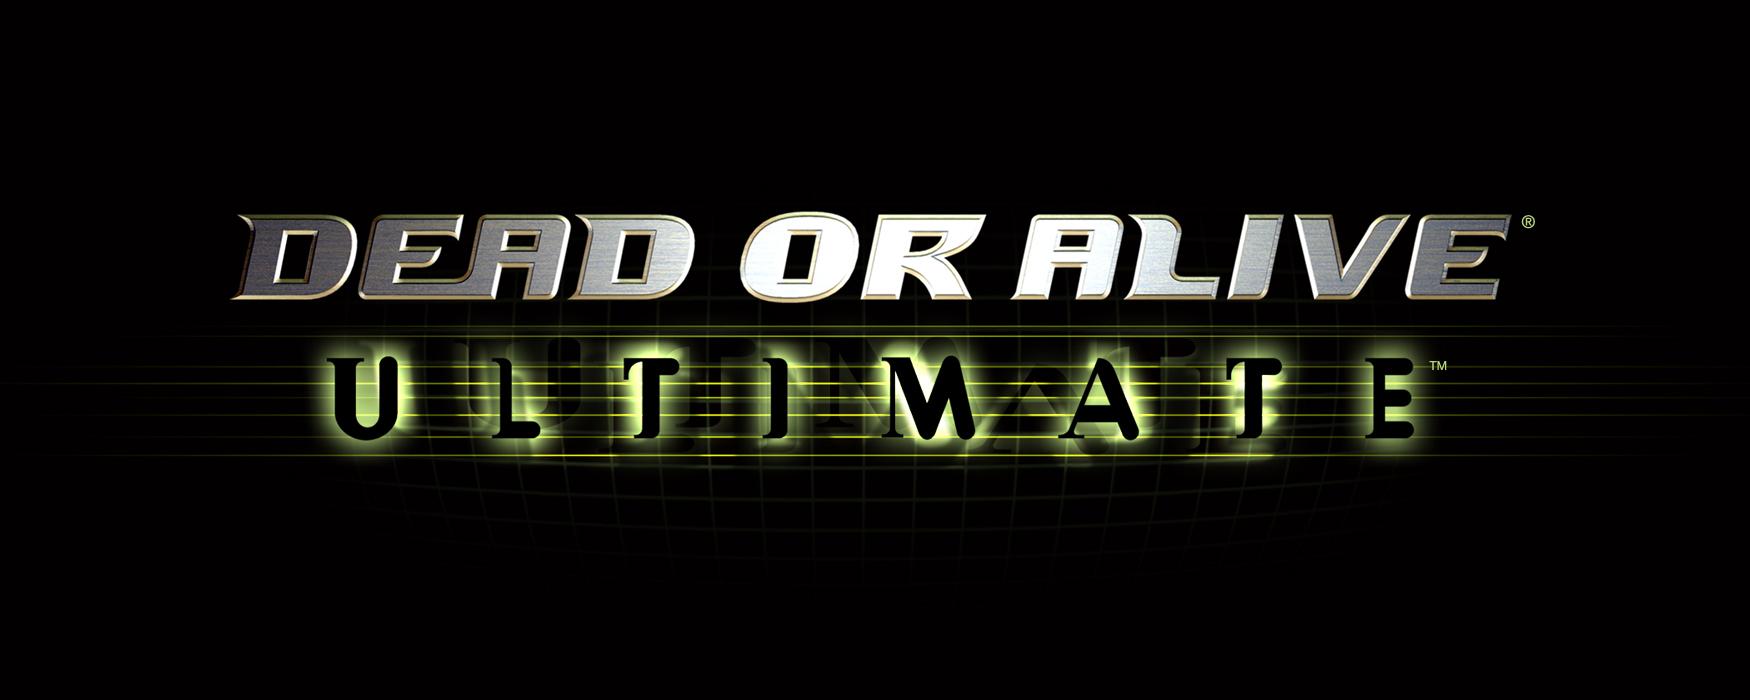 File:Doa ultimate logo.jpg